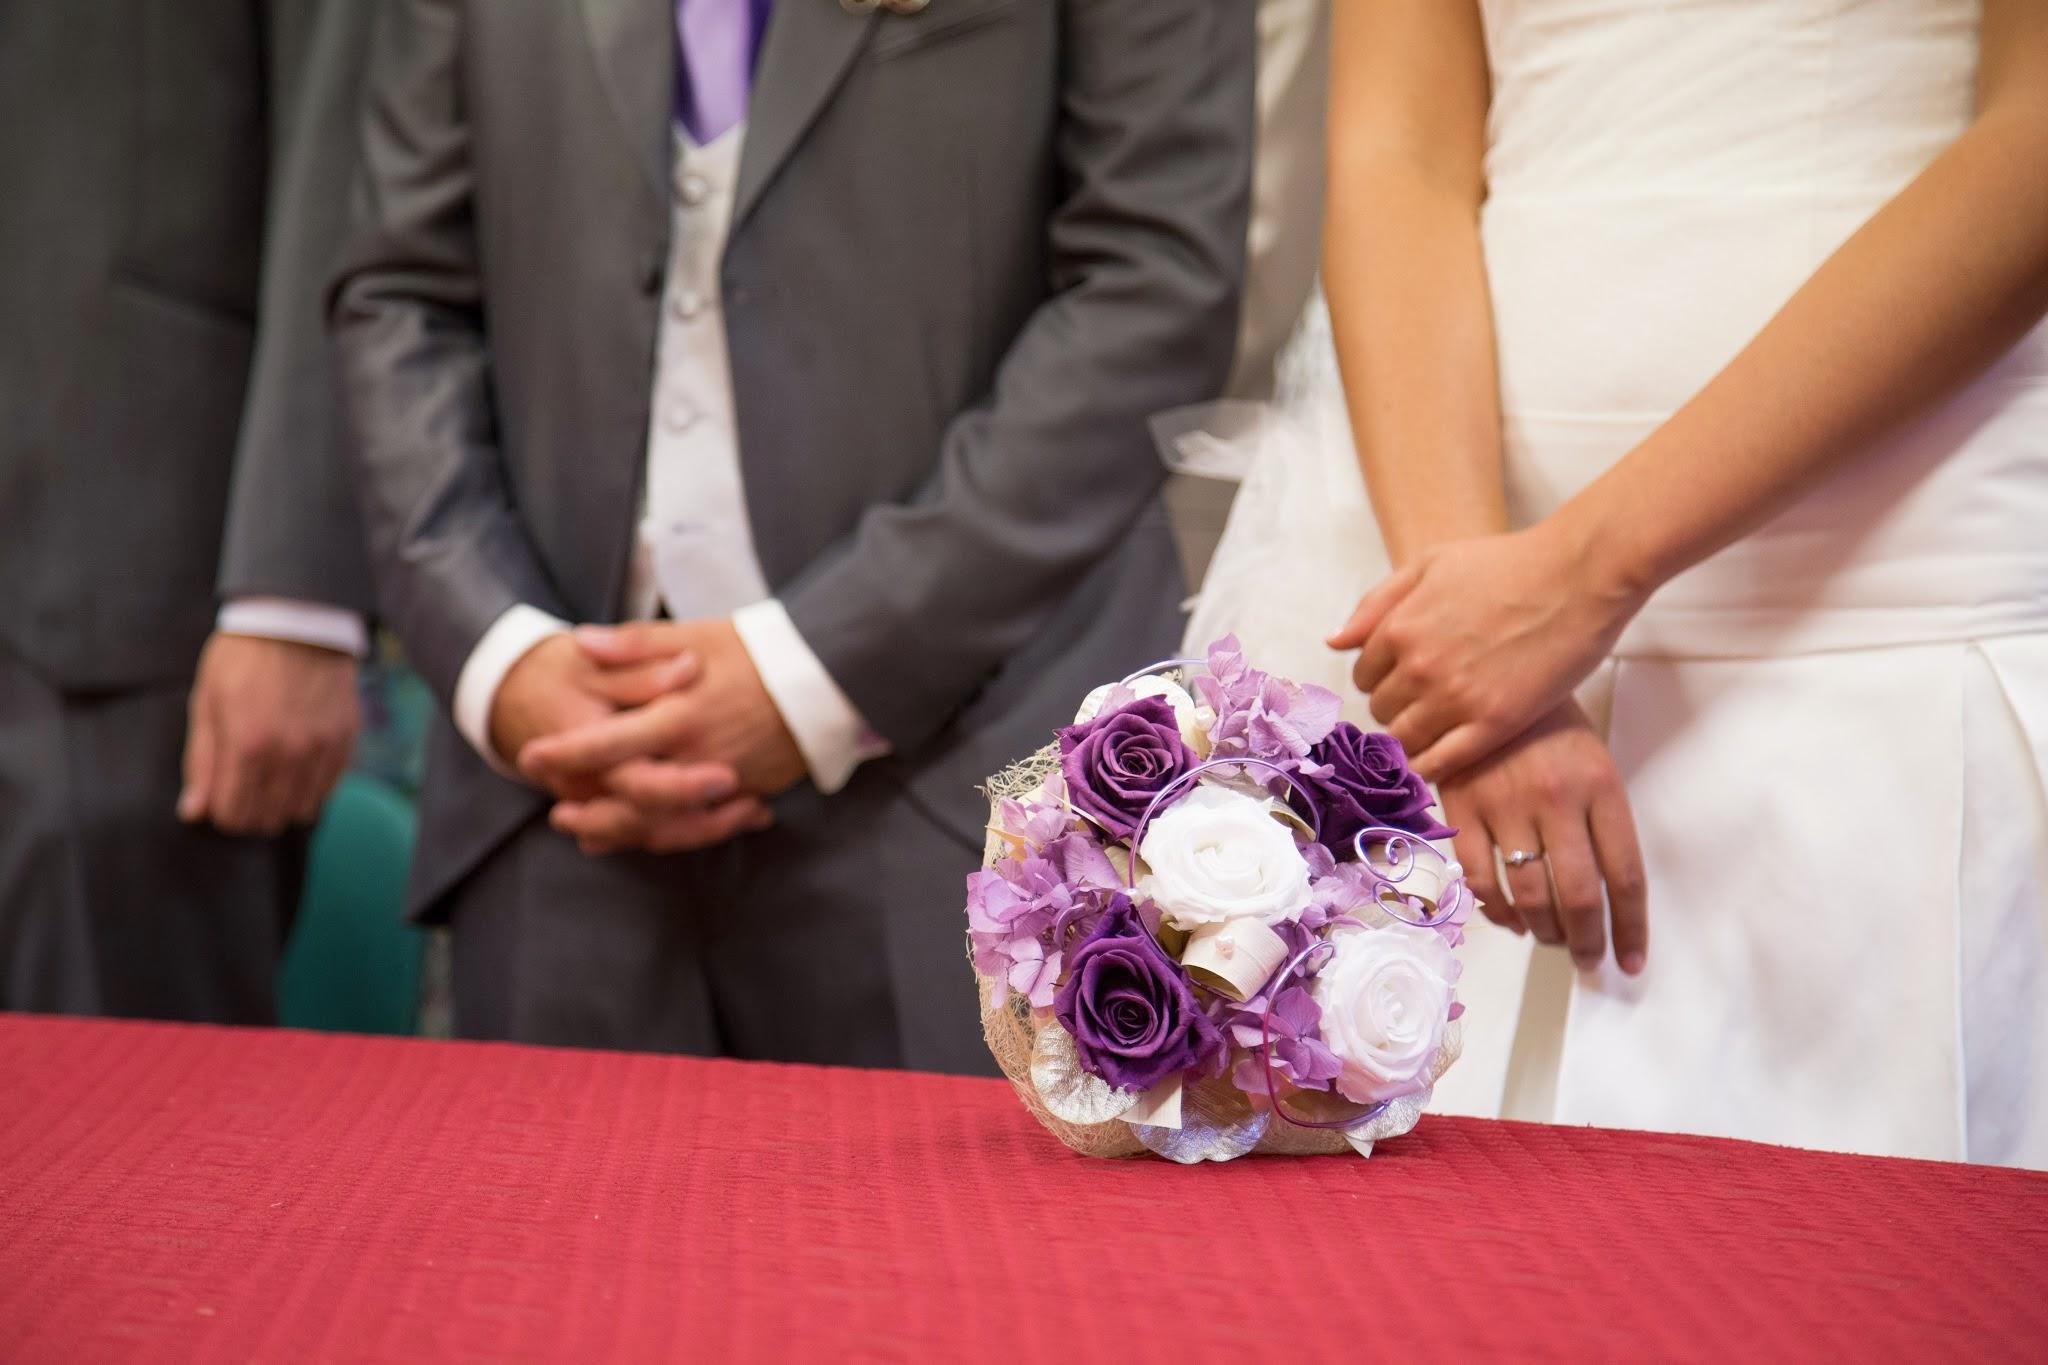 Le mariage bulles en violet et argent de Morgane